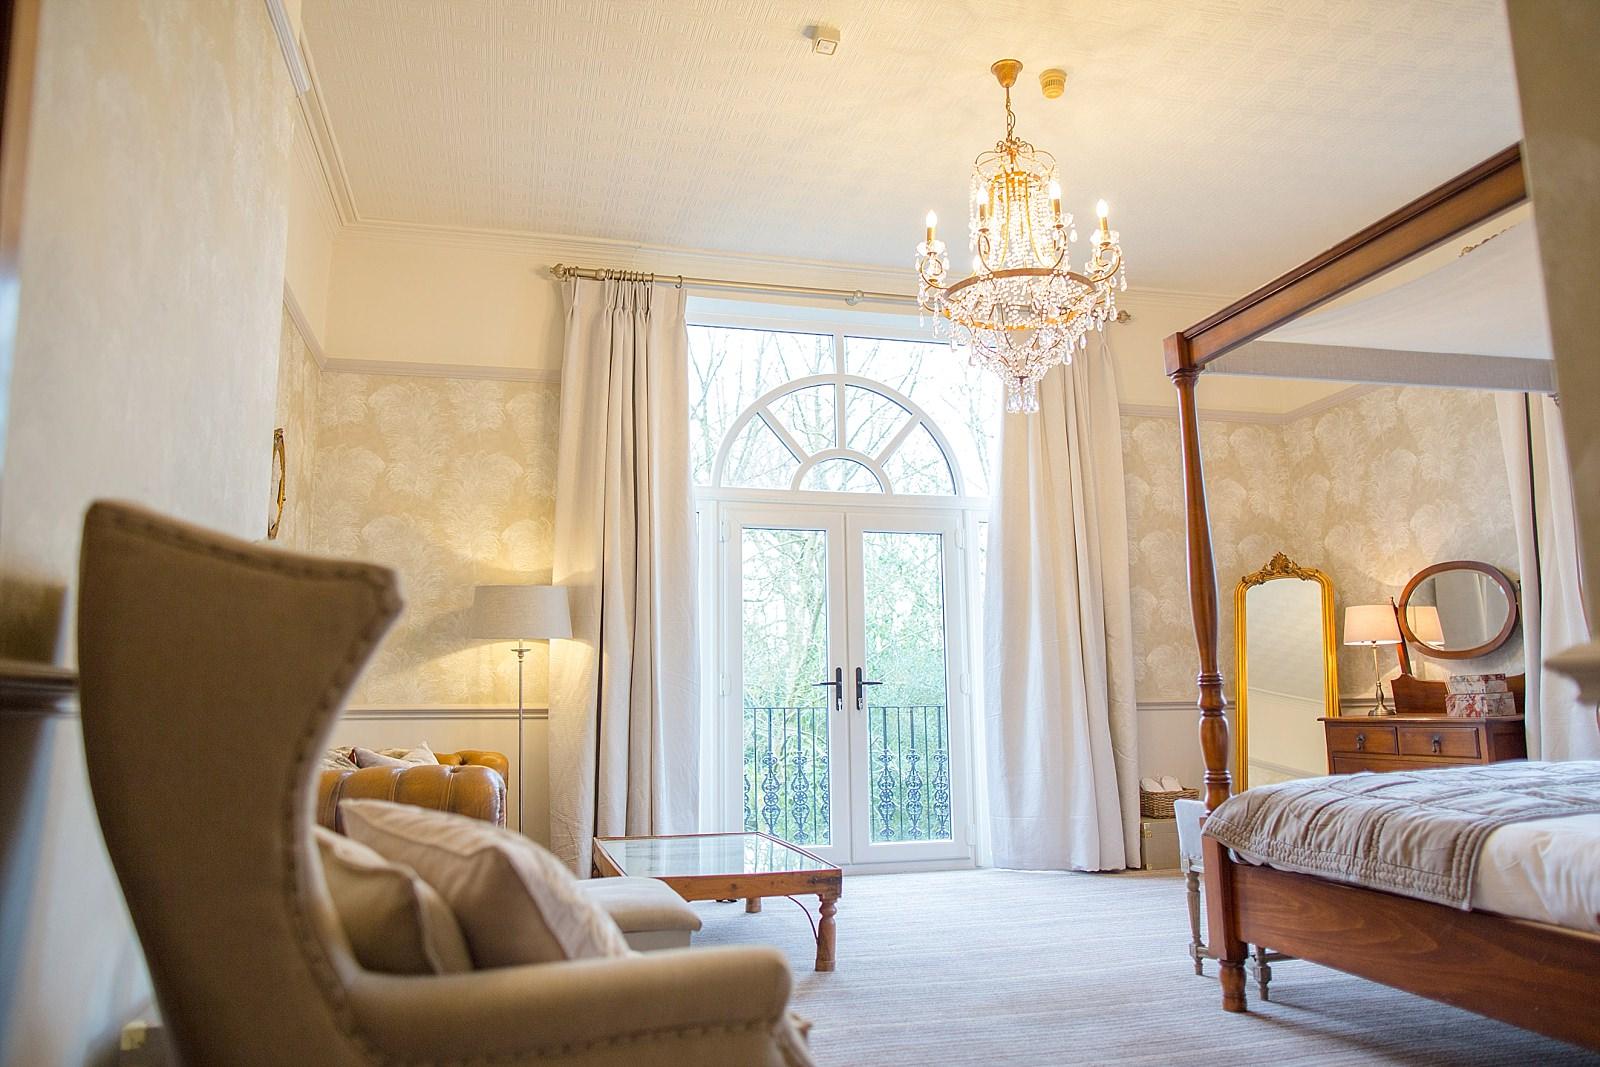 honeymoon suite with arch doorways